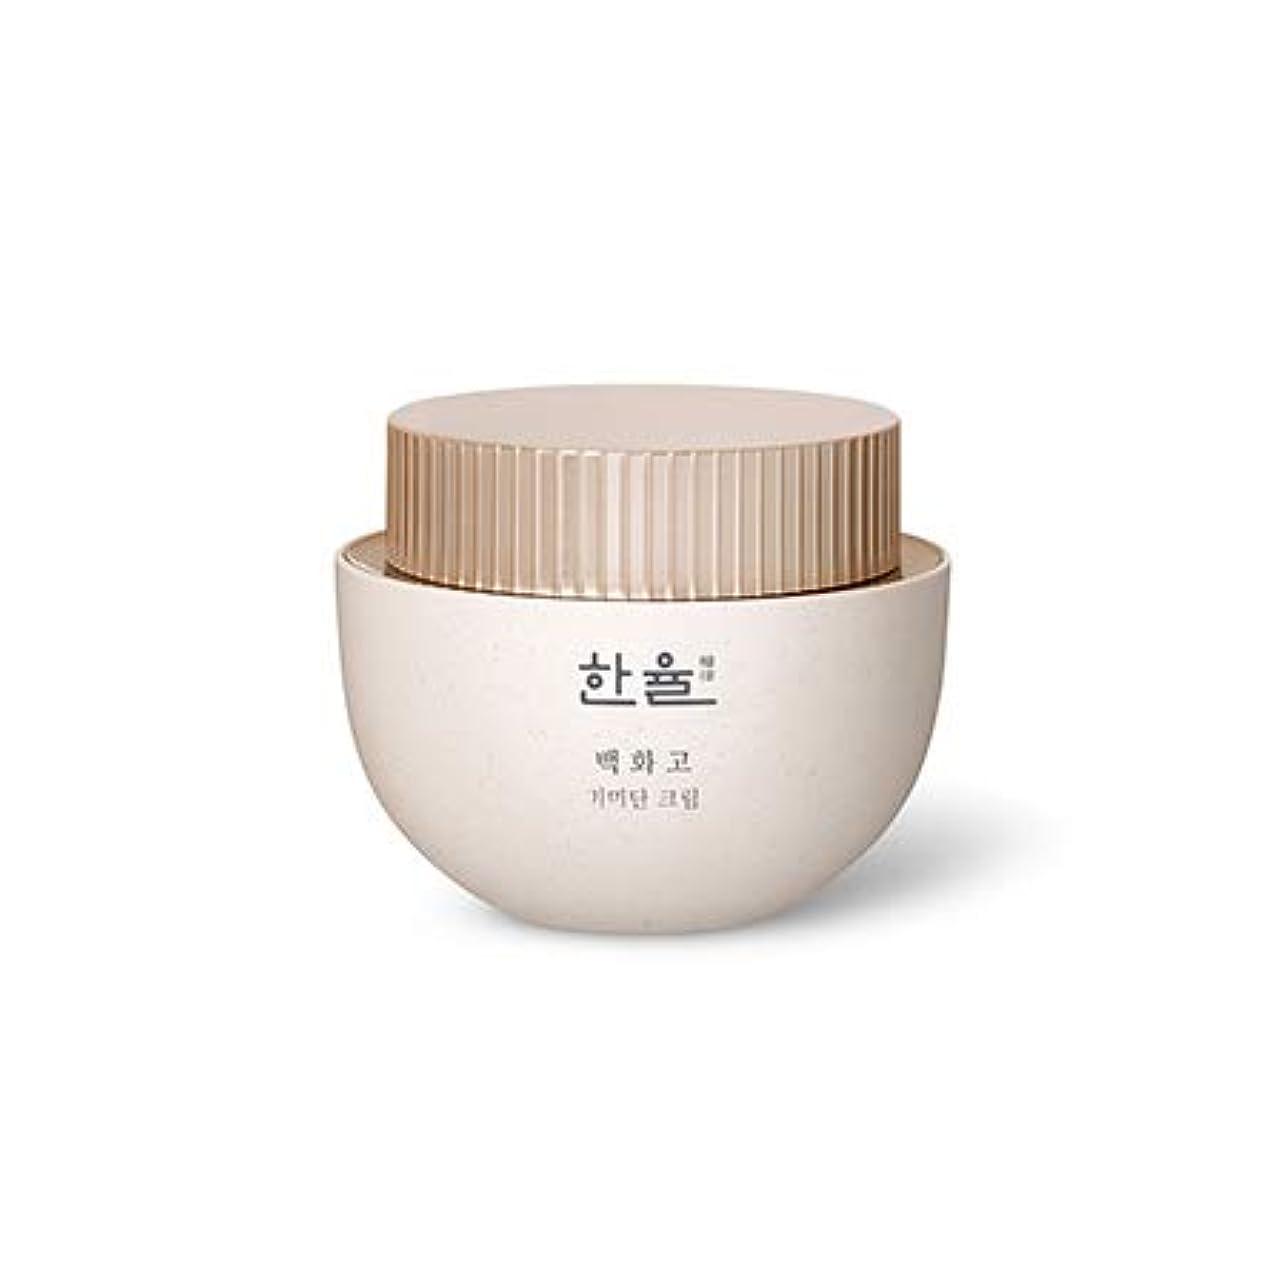 操る説教弾薬[ハンユル.HANYUL]ベクファゴシミ段クリームHanyul Baek Hwa Goh Anti-Aging Cream(シミ、くすみなどの老化の兆候をケア)